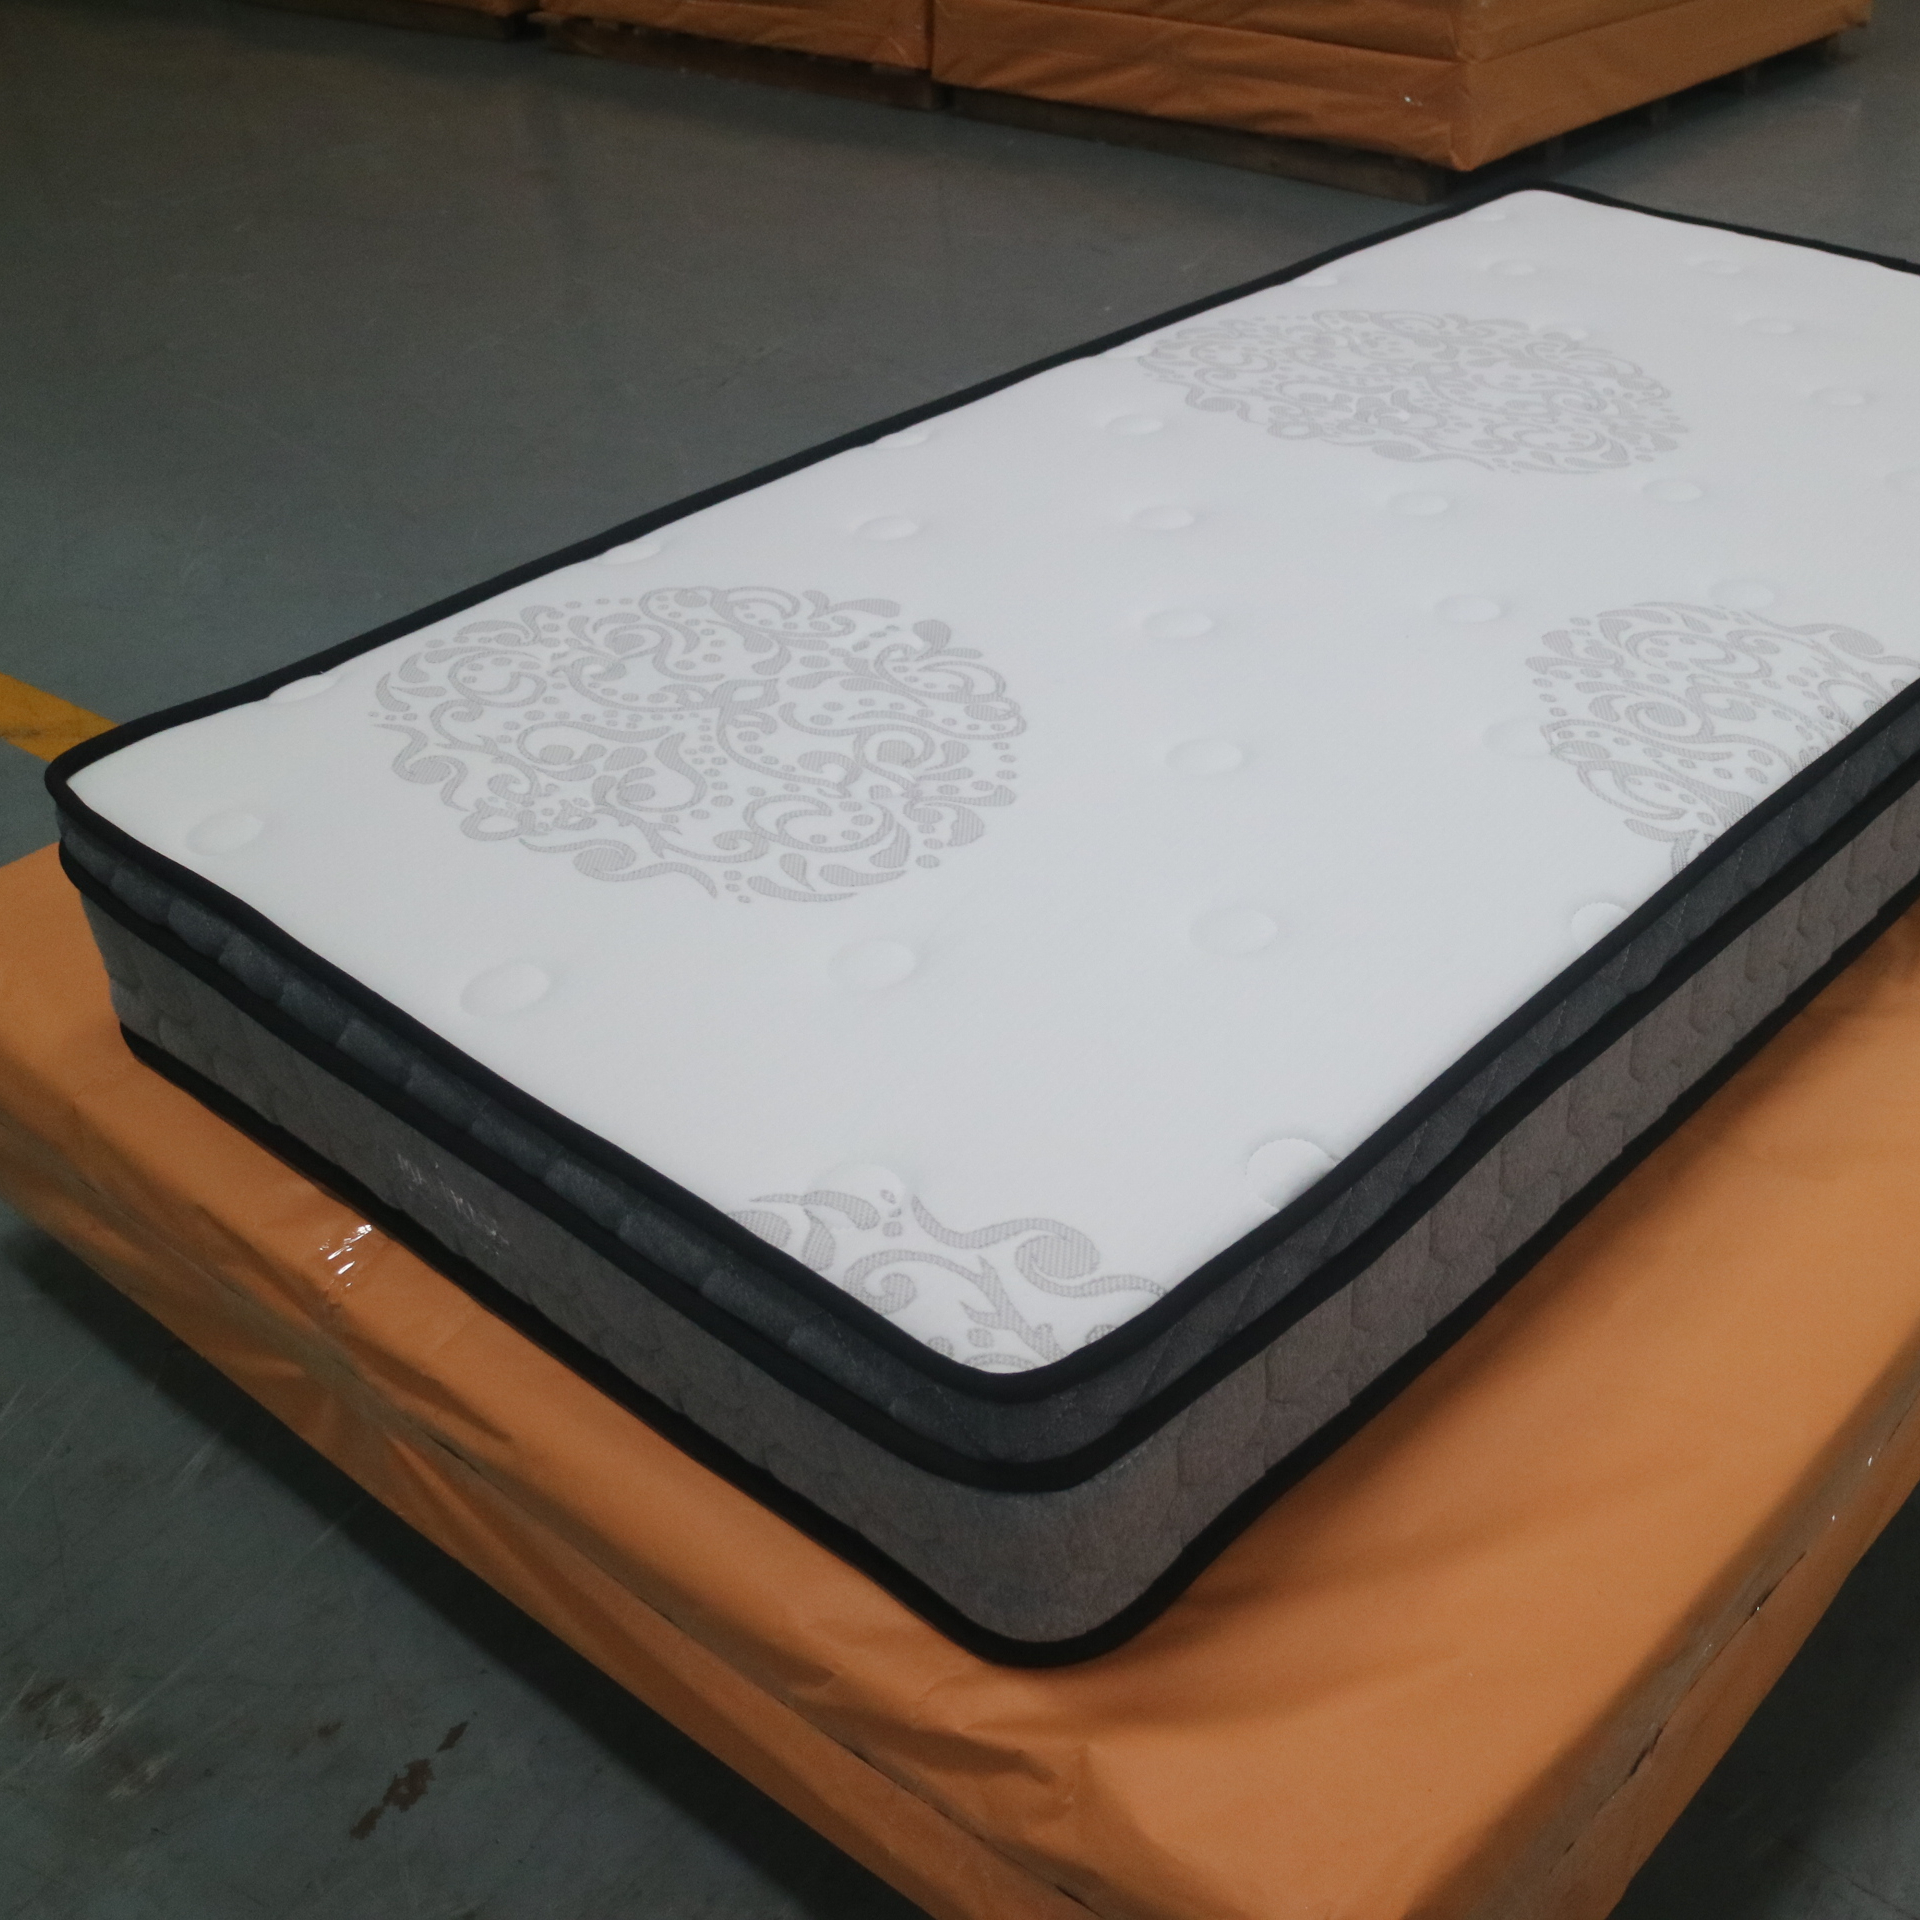 Bedroom comfortable healthy soft memory foam mattress - Jozy Mattress   Jozy.net